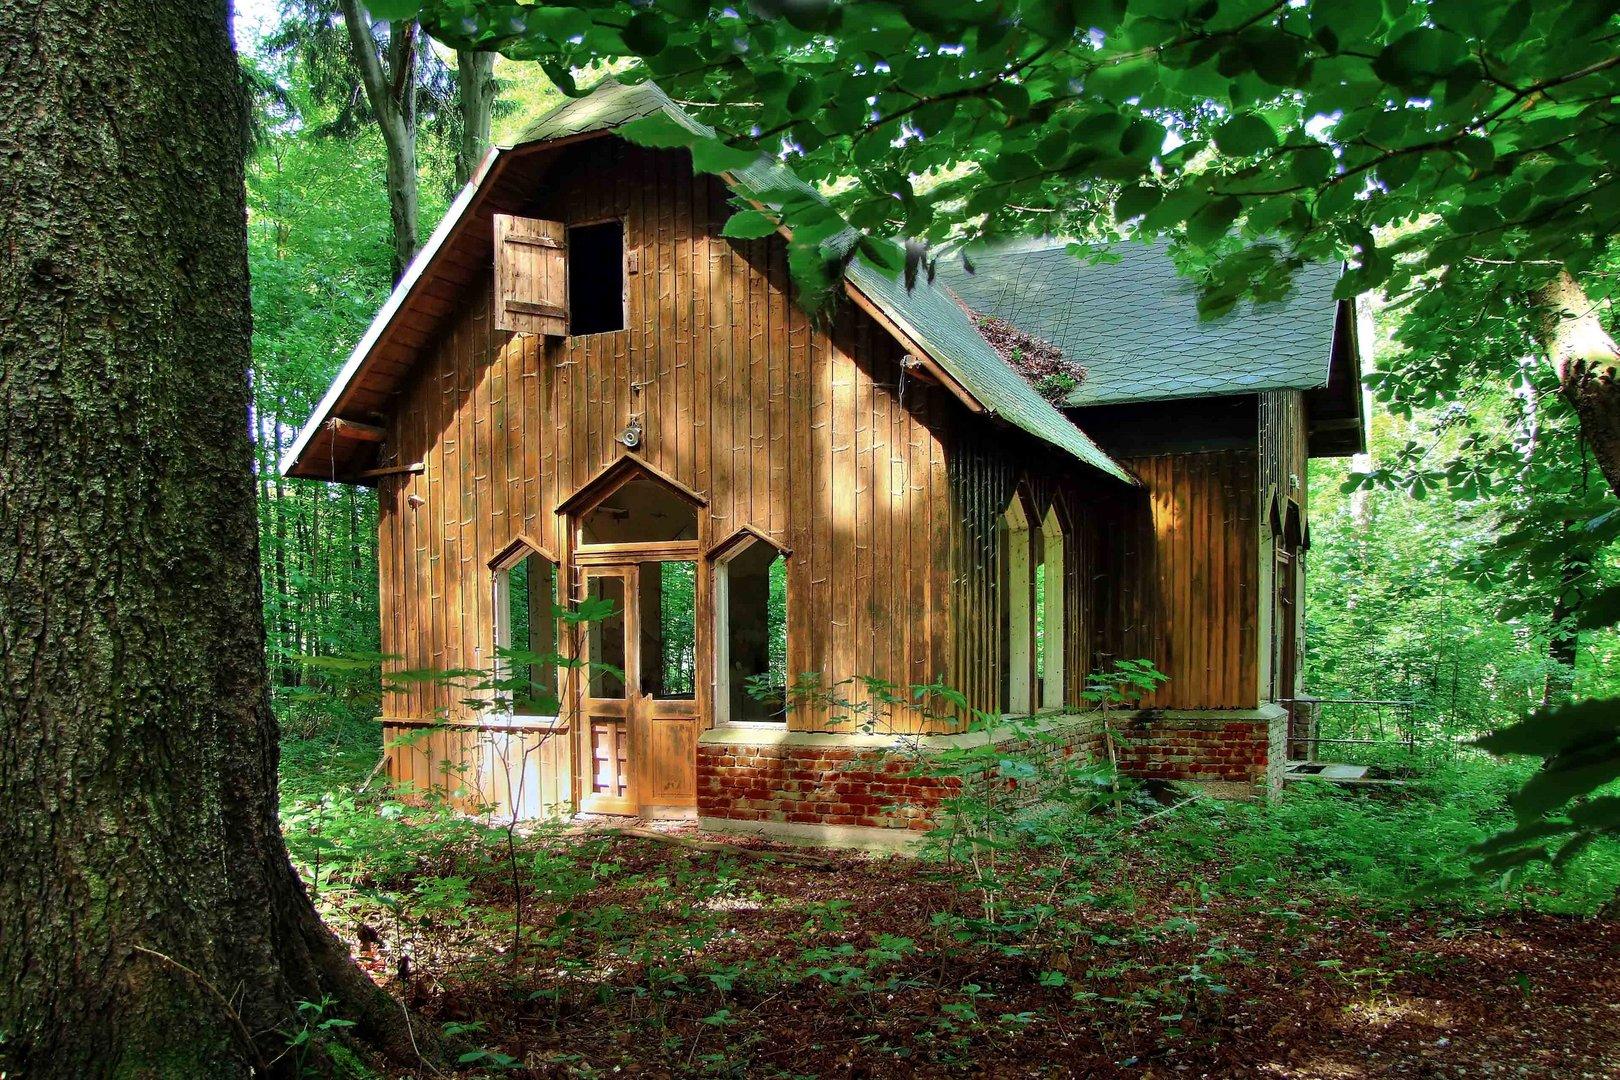 kleines haus am wald foto bild landschaft wald natur bilder auf fotocommunity. Black Bedroom Furniture Sets. Home Design Ideas